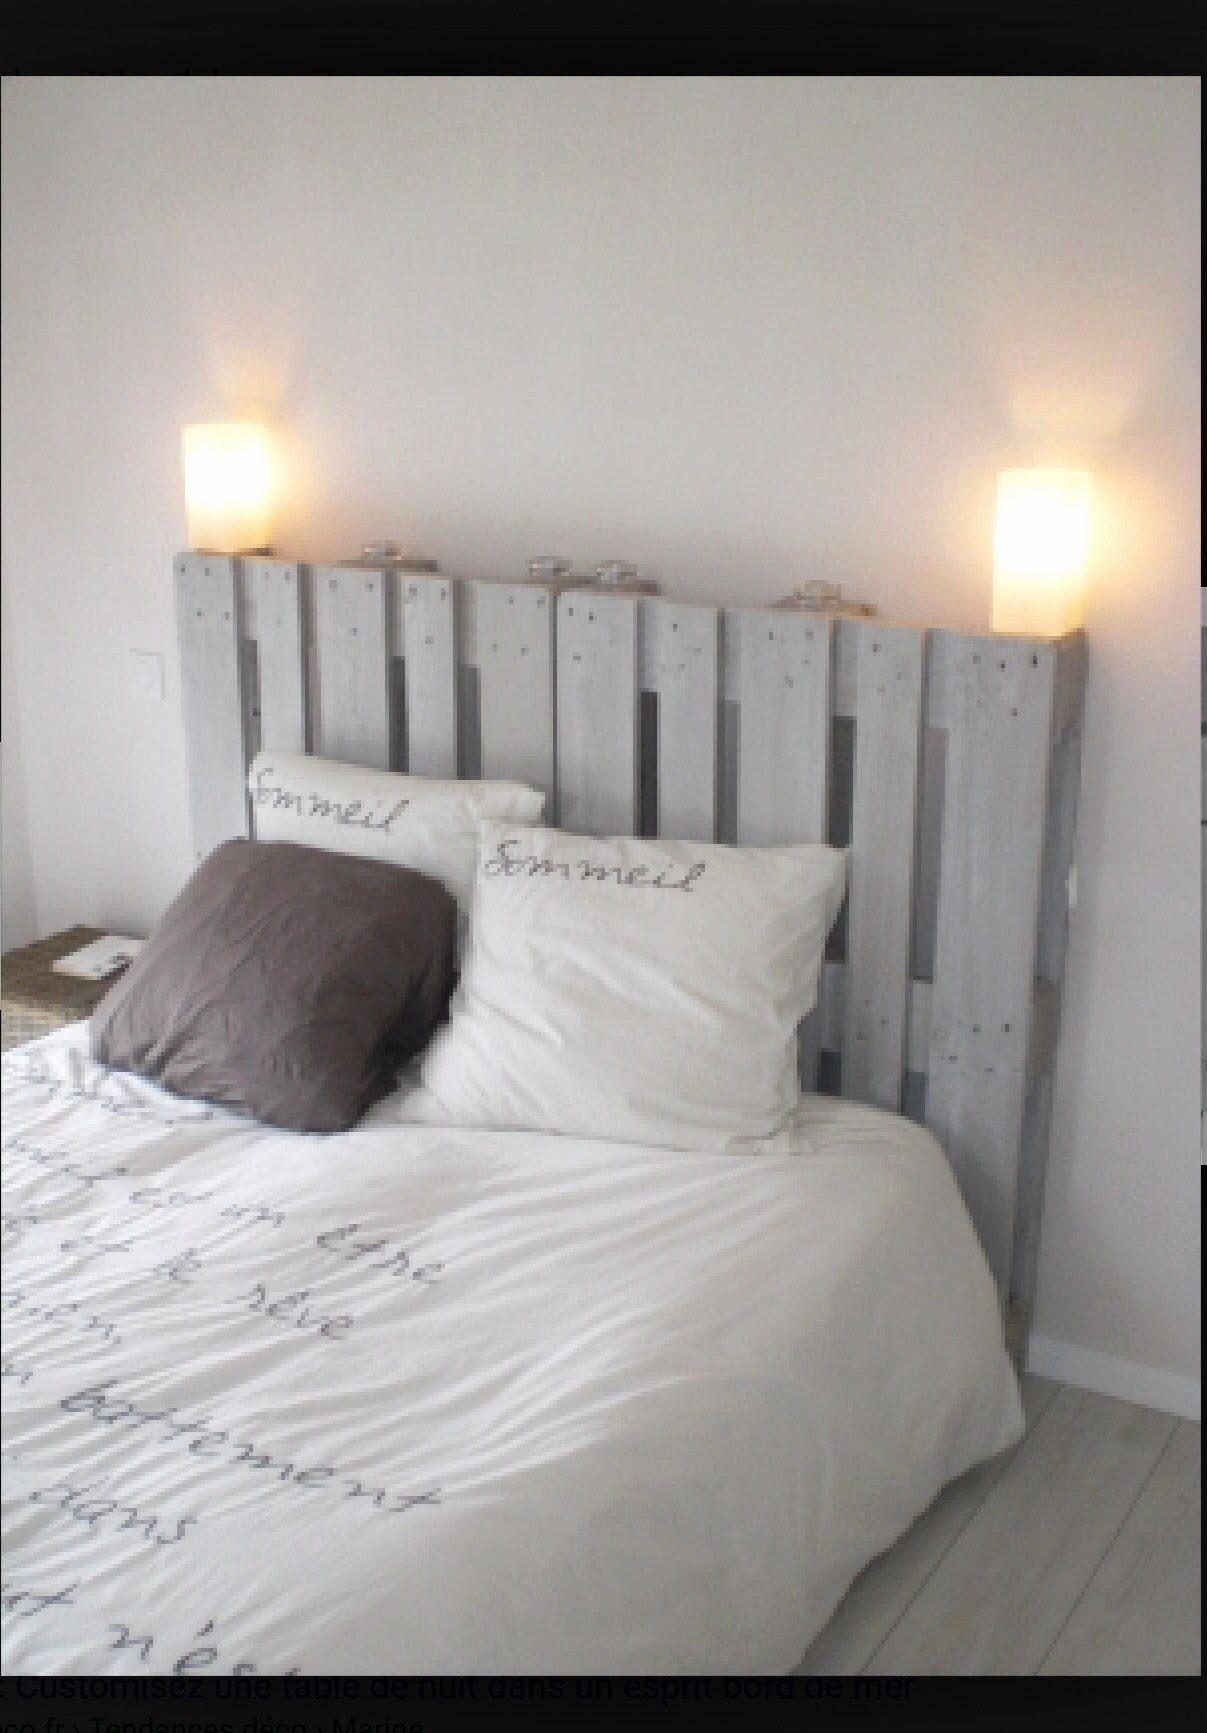 Lit Bois Pliant De Luxe Tete De Lit Bois Design Lit En Bois Pliant Ikea